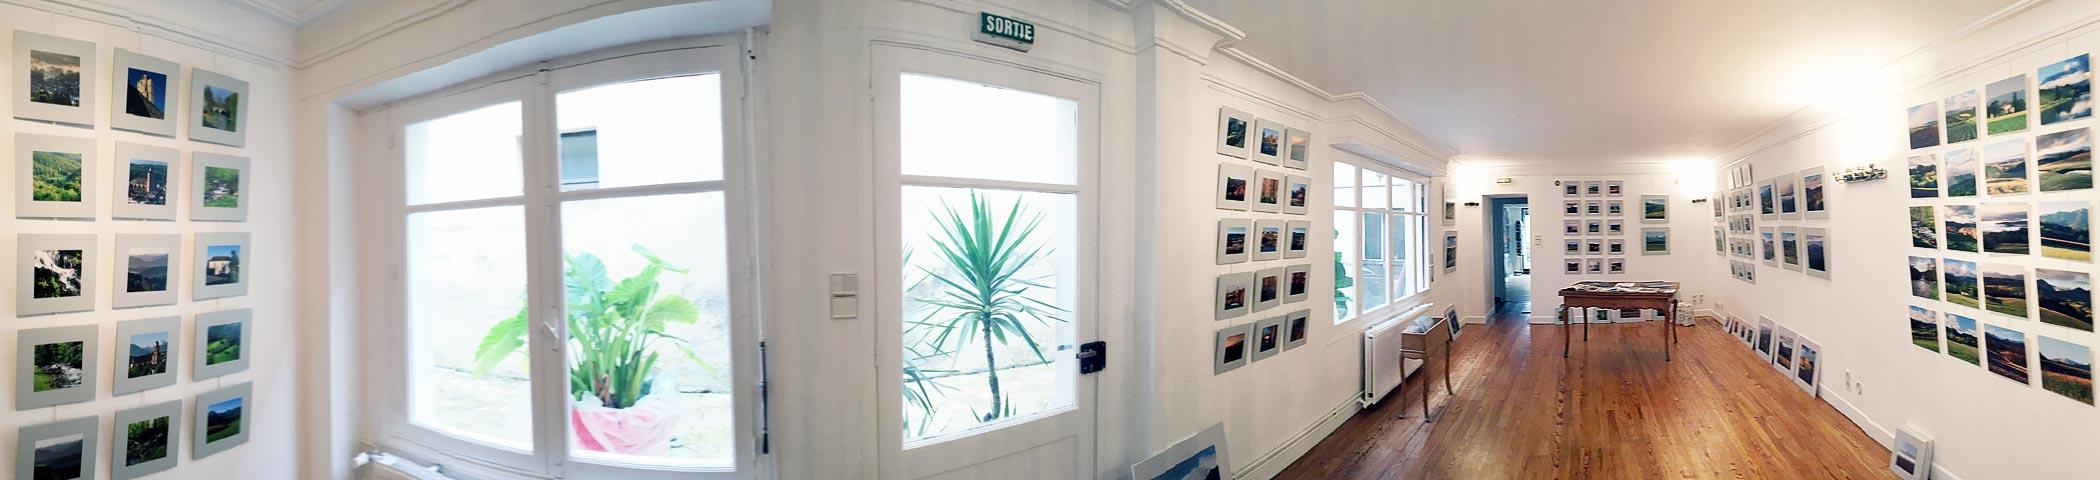 atelier salle d'exposition photographe stockli